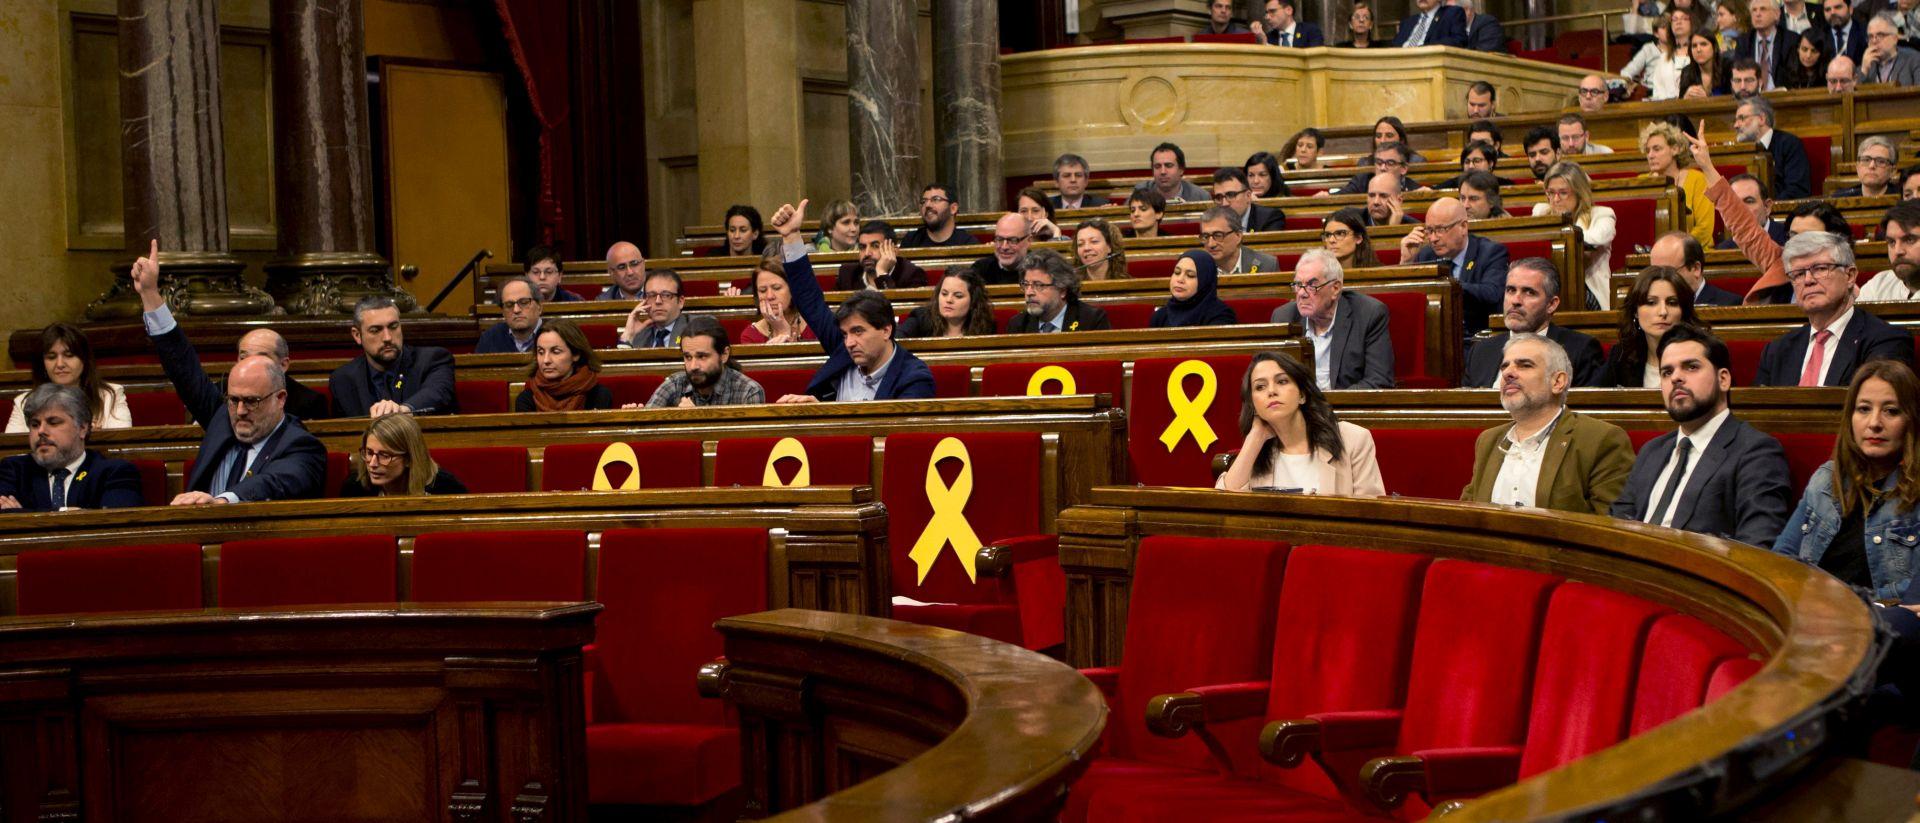 Katalonski zastupnici izglasali da kandidat u odsustvu može biti izabran za predsjednika